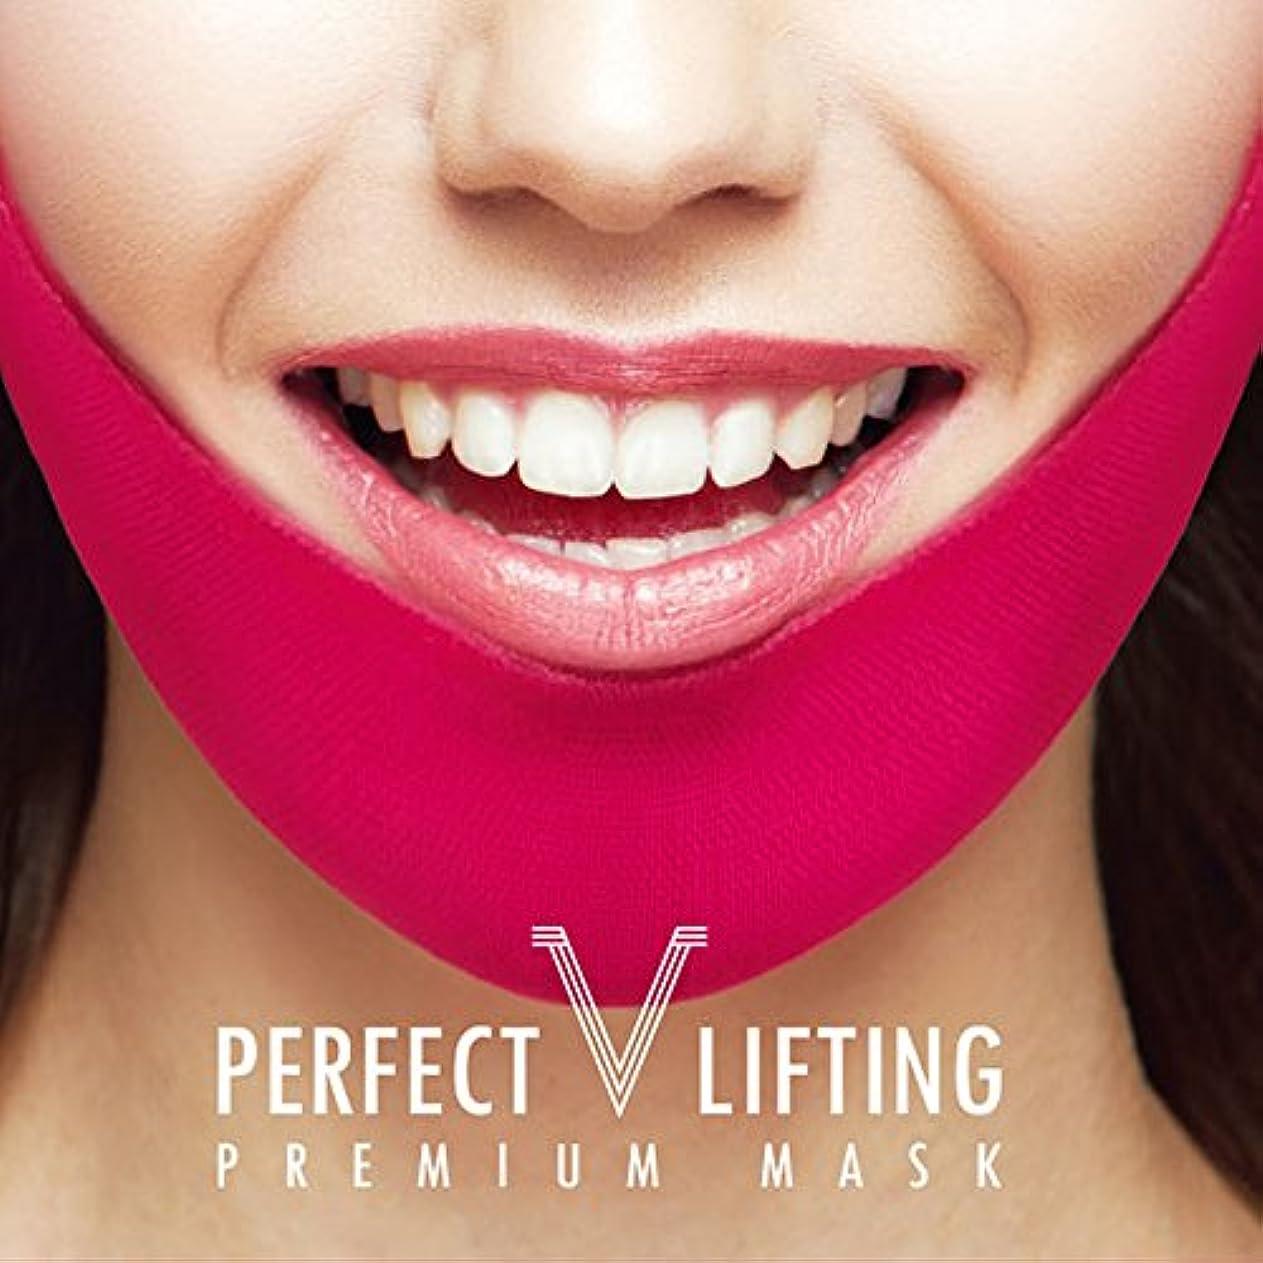 保護努力代理人Avajar パーフェクト V リフティング プレミアムマスク エイバザール マスク フェイスマスク 小顔効果と顎ラインを取り戻す 1パック